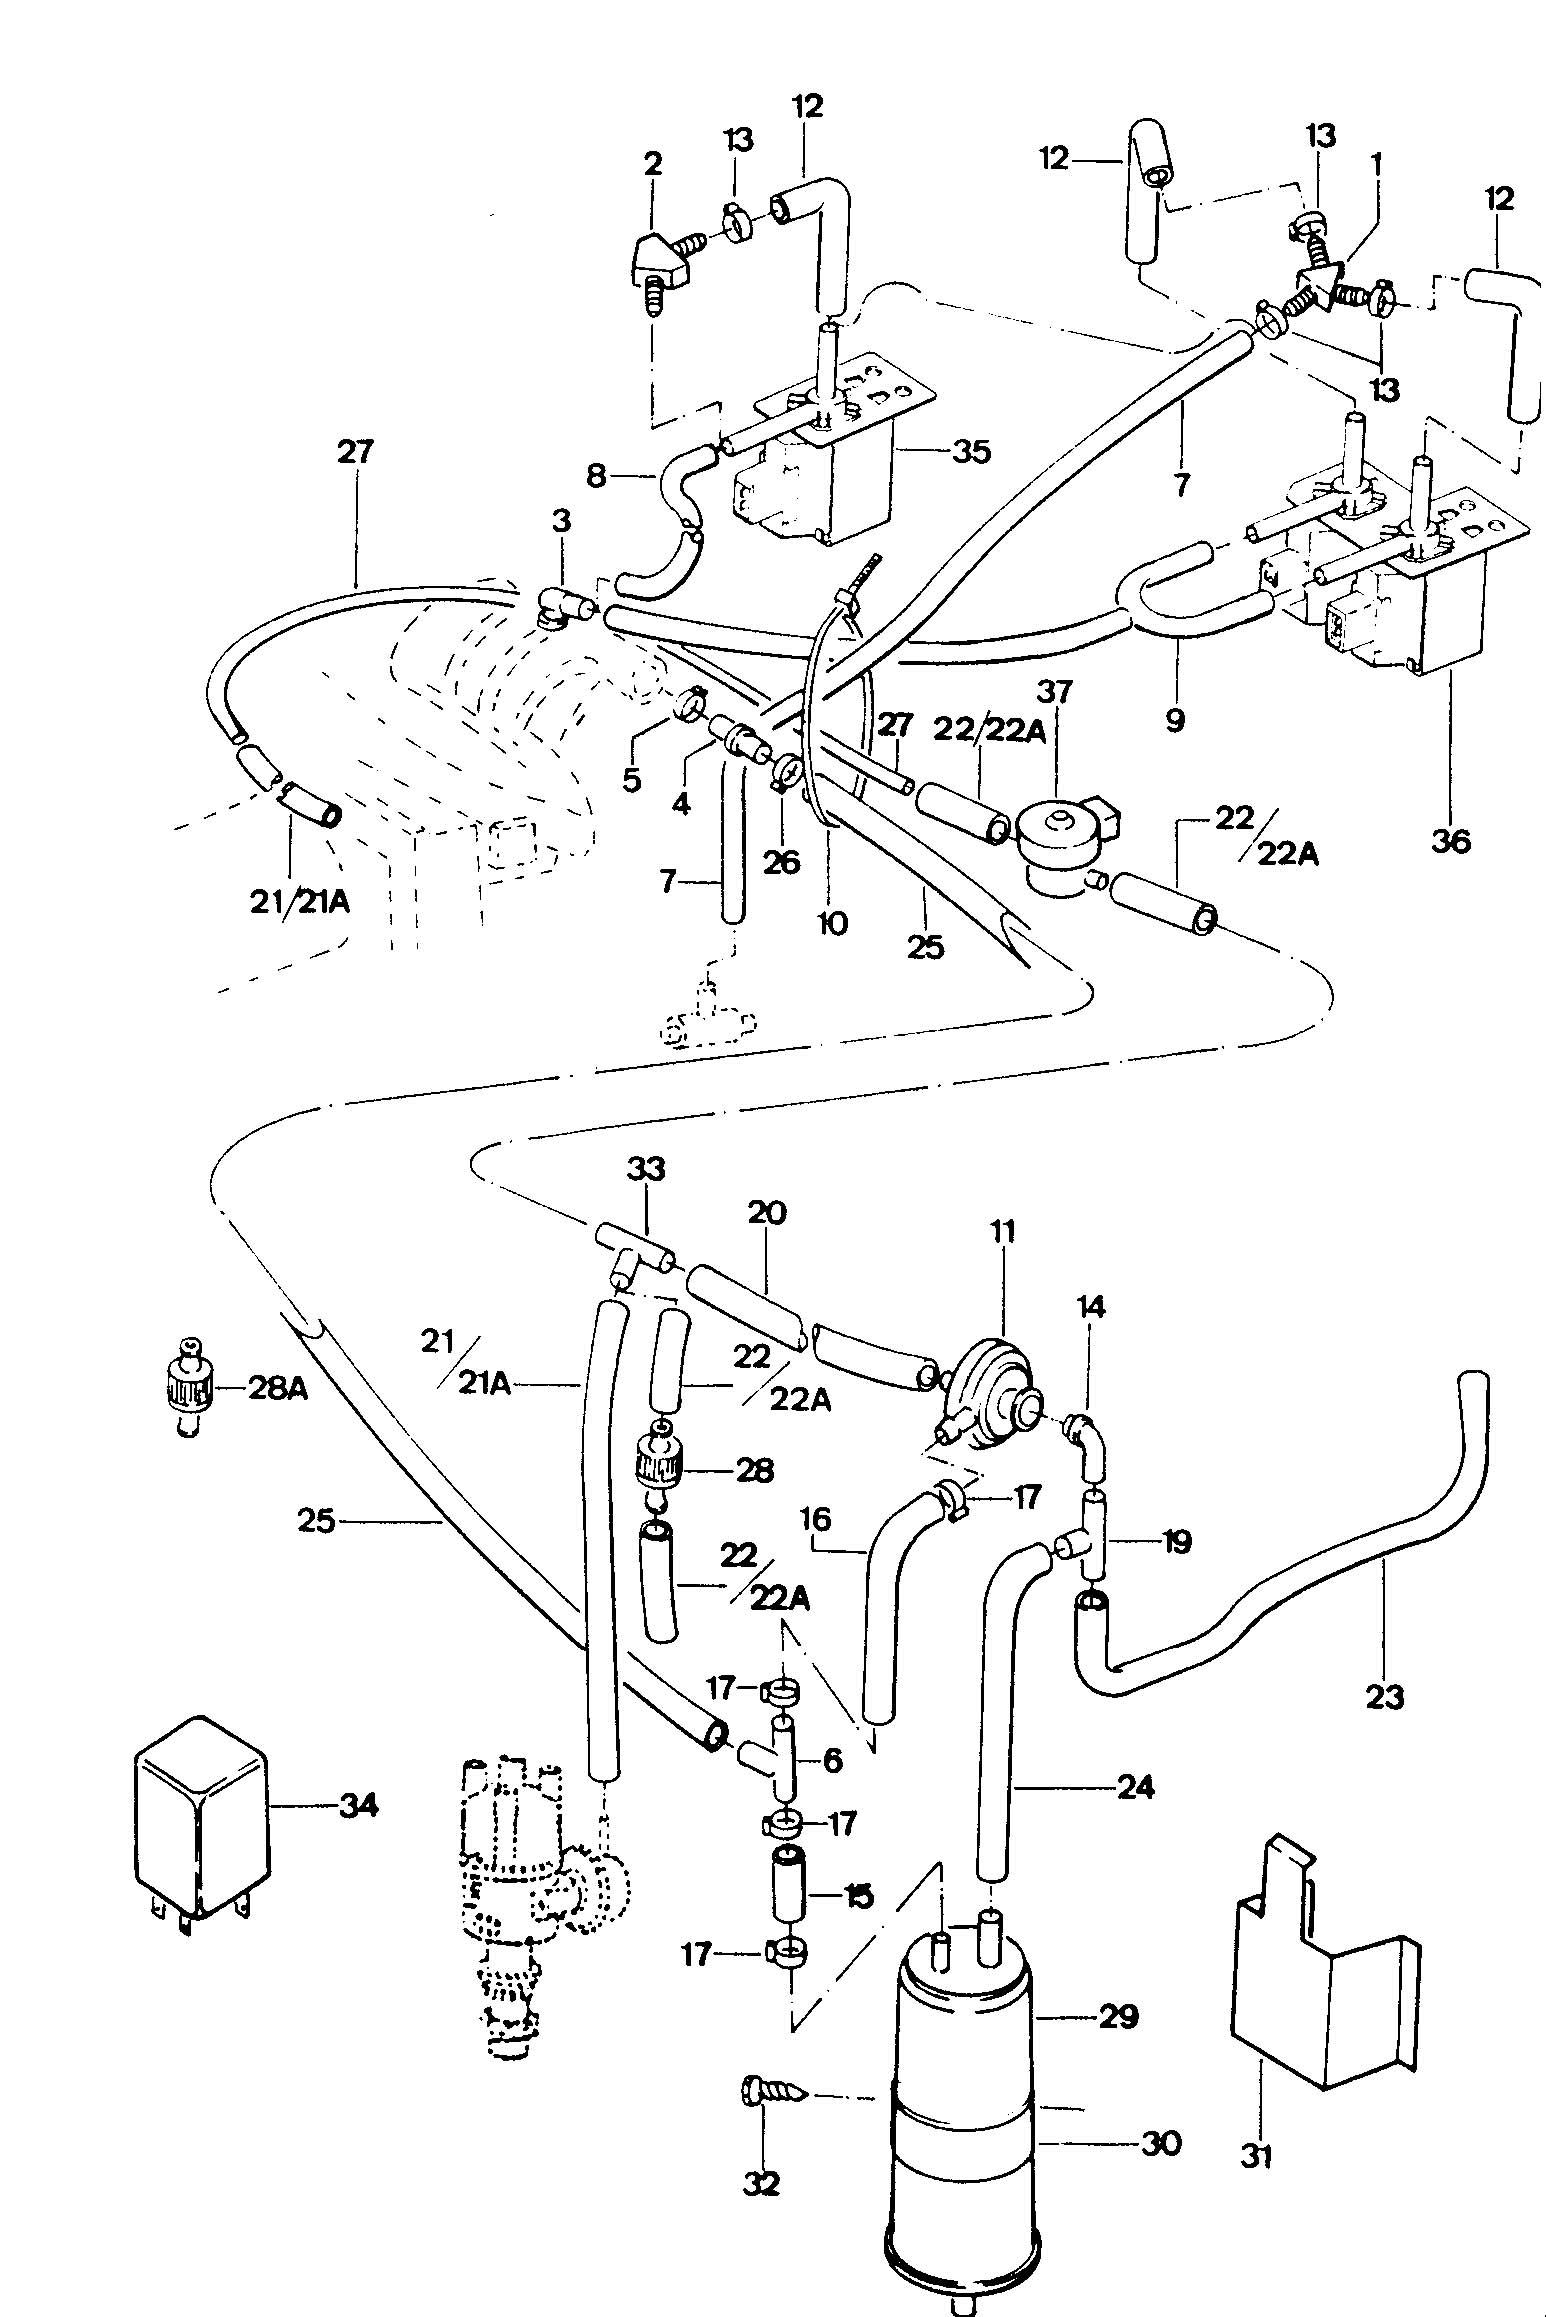 Download Manual Repair Engine Jetta A4 Torrent